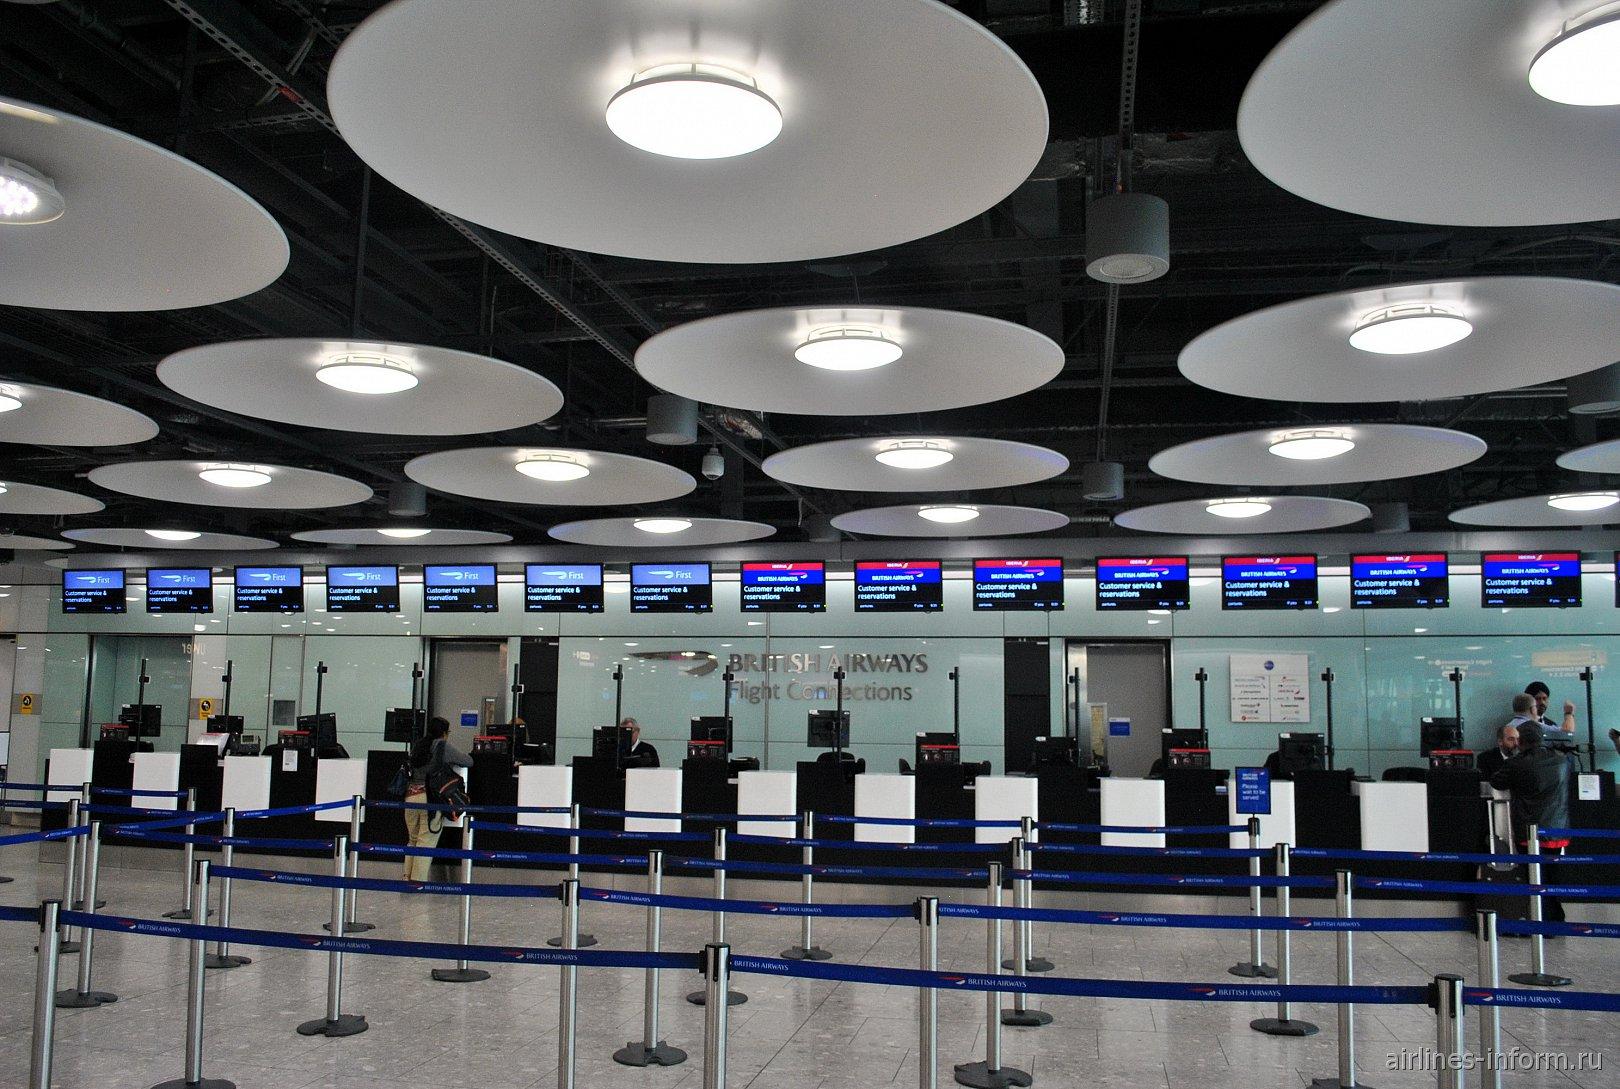 Стойки регистрации трансферных рейсов British Airways в аэропорту Лондон Хитроу